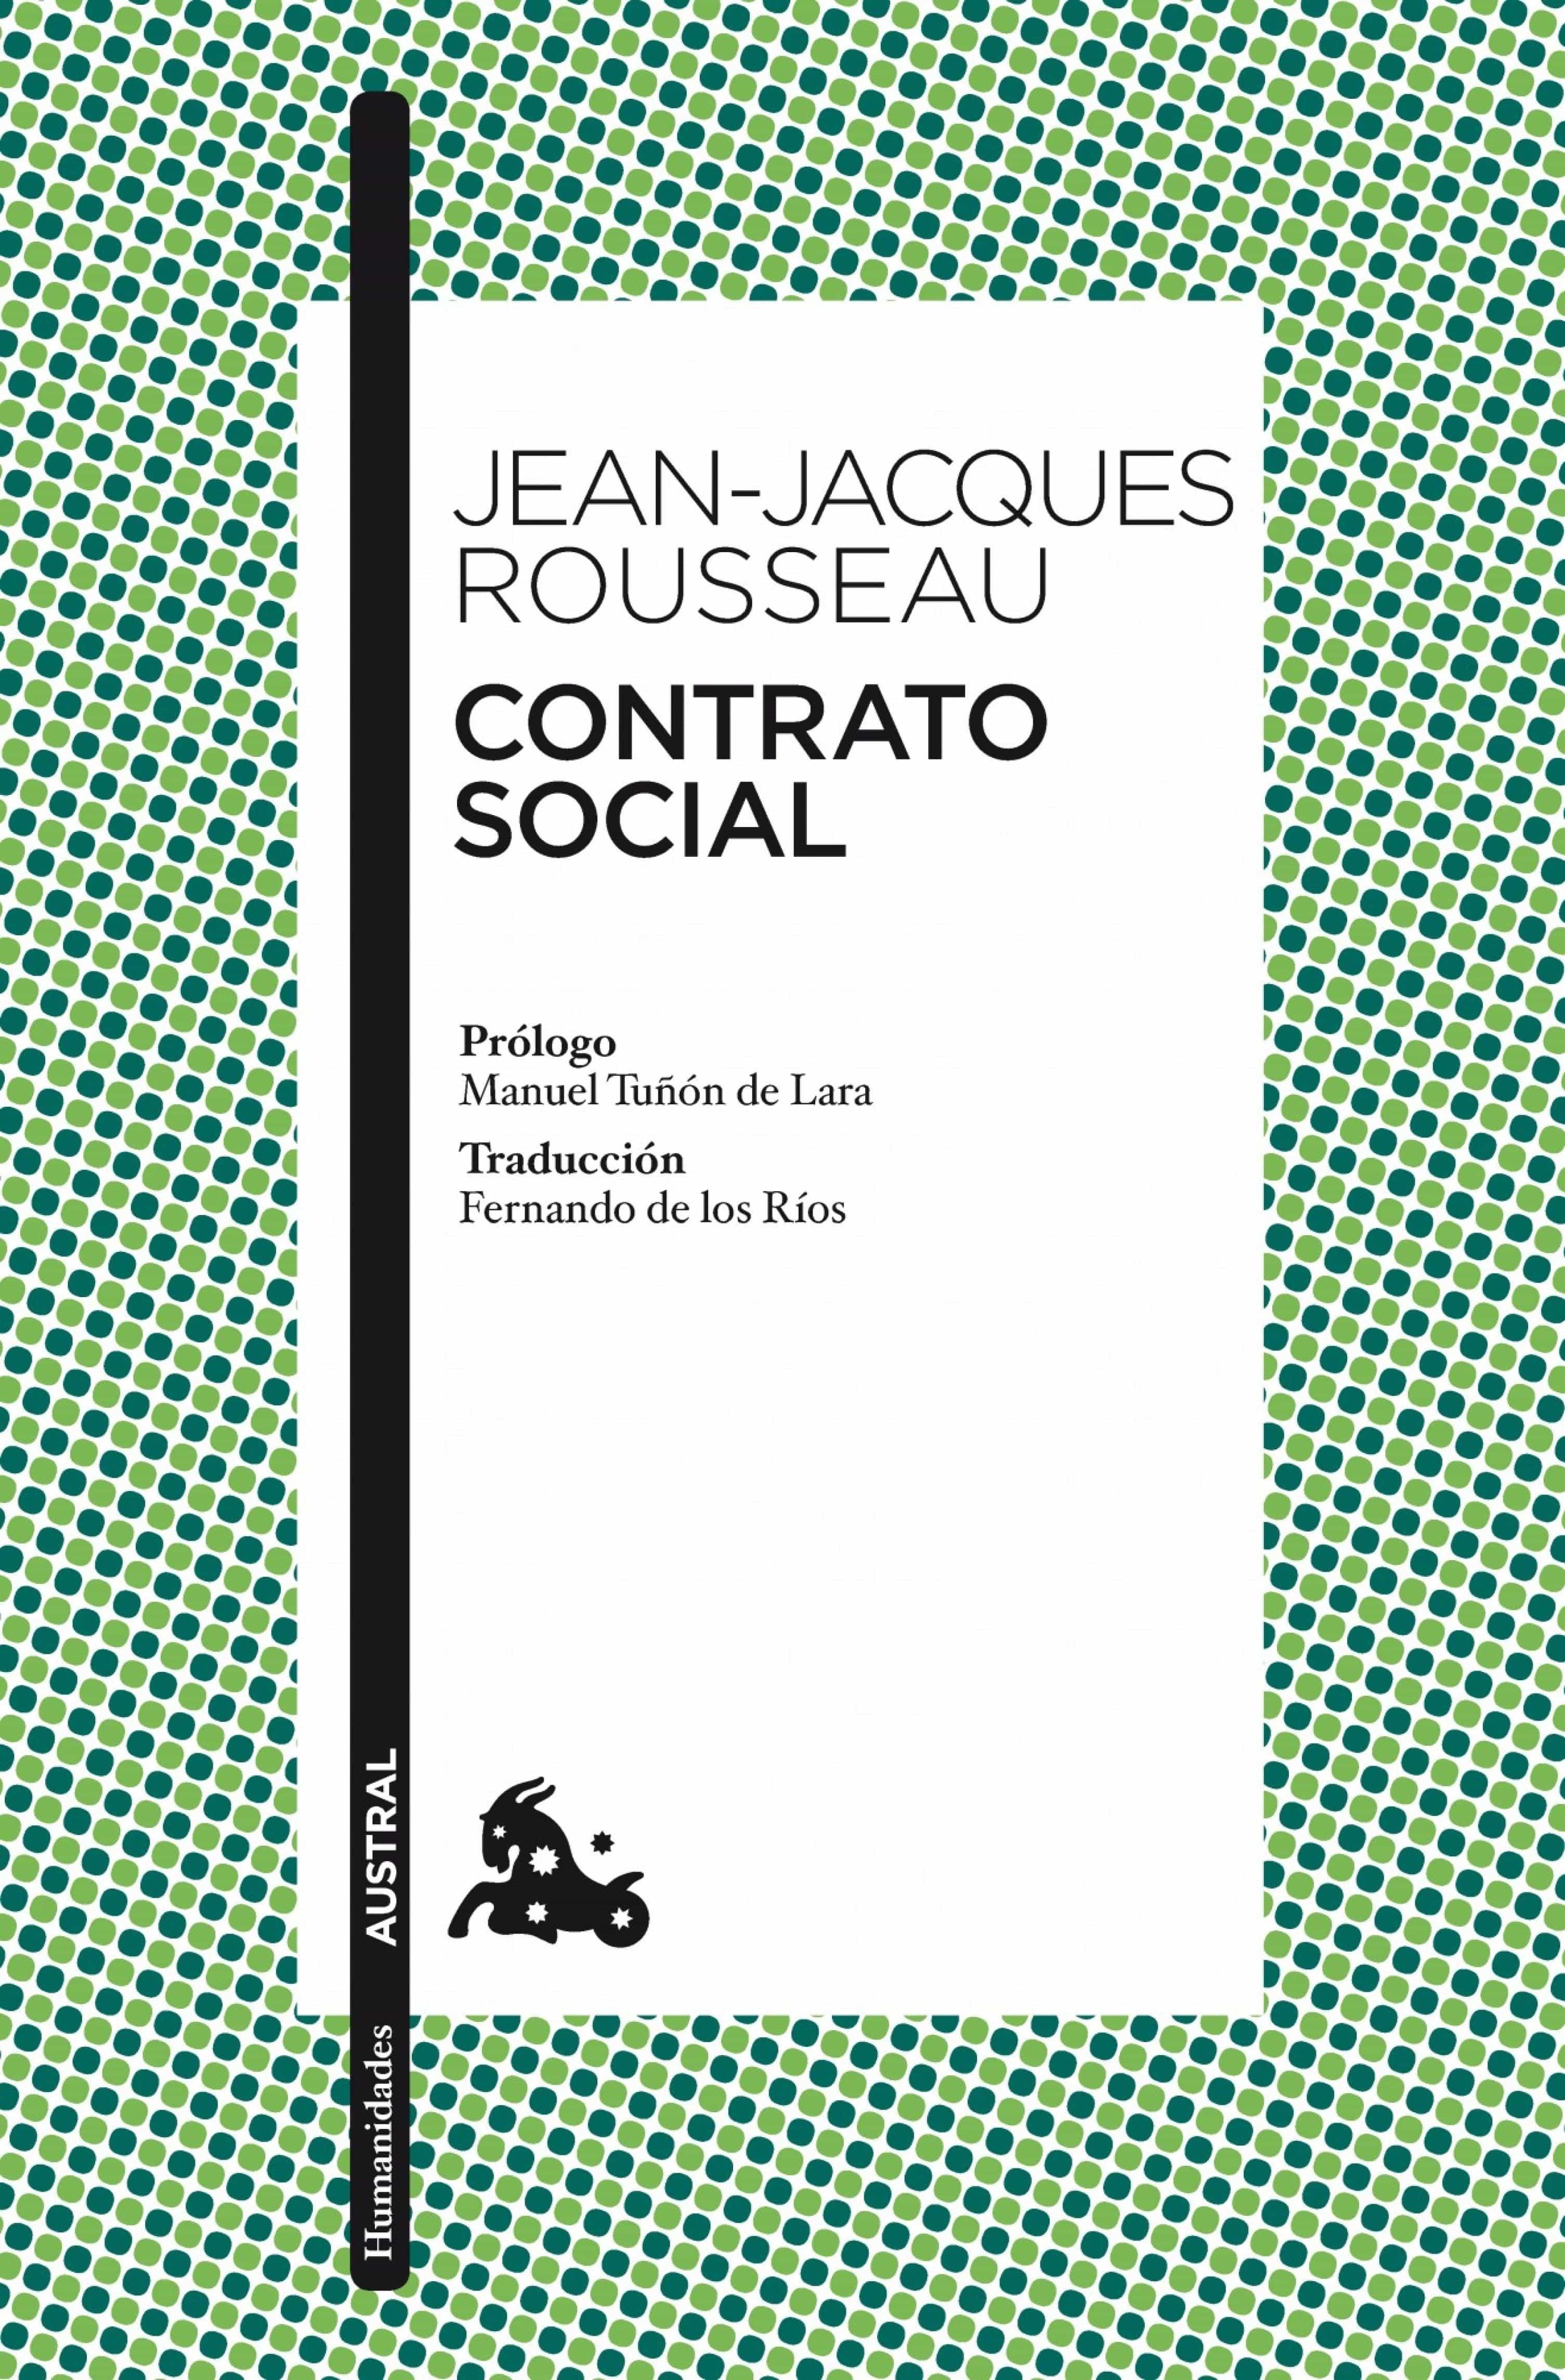 Contrato social ebook jean jacques rousseau 9788467040340